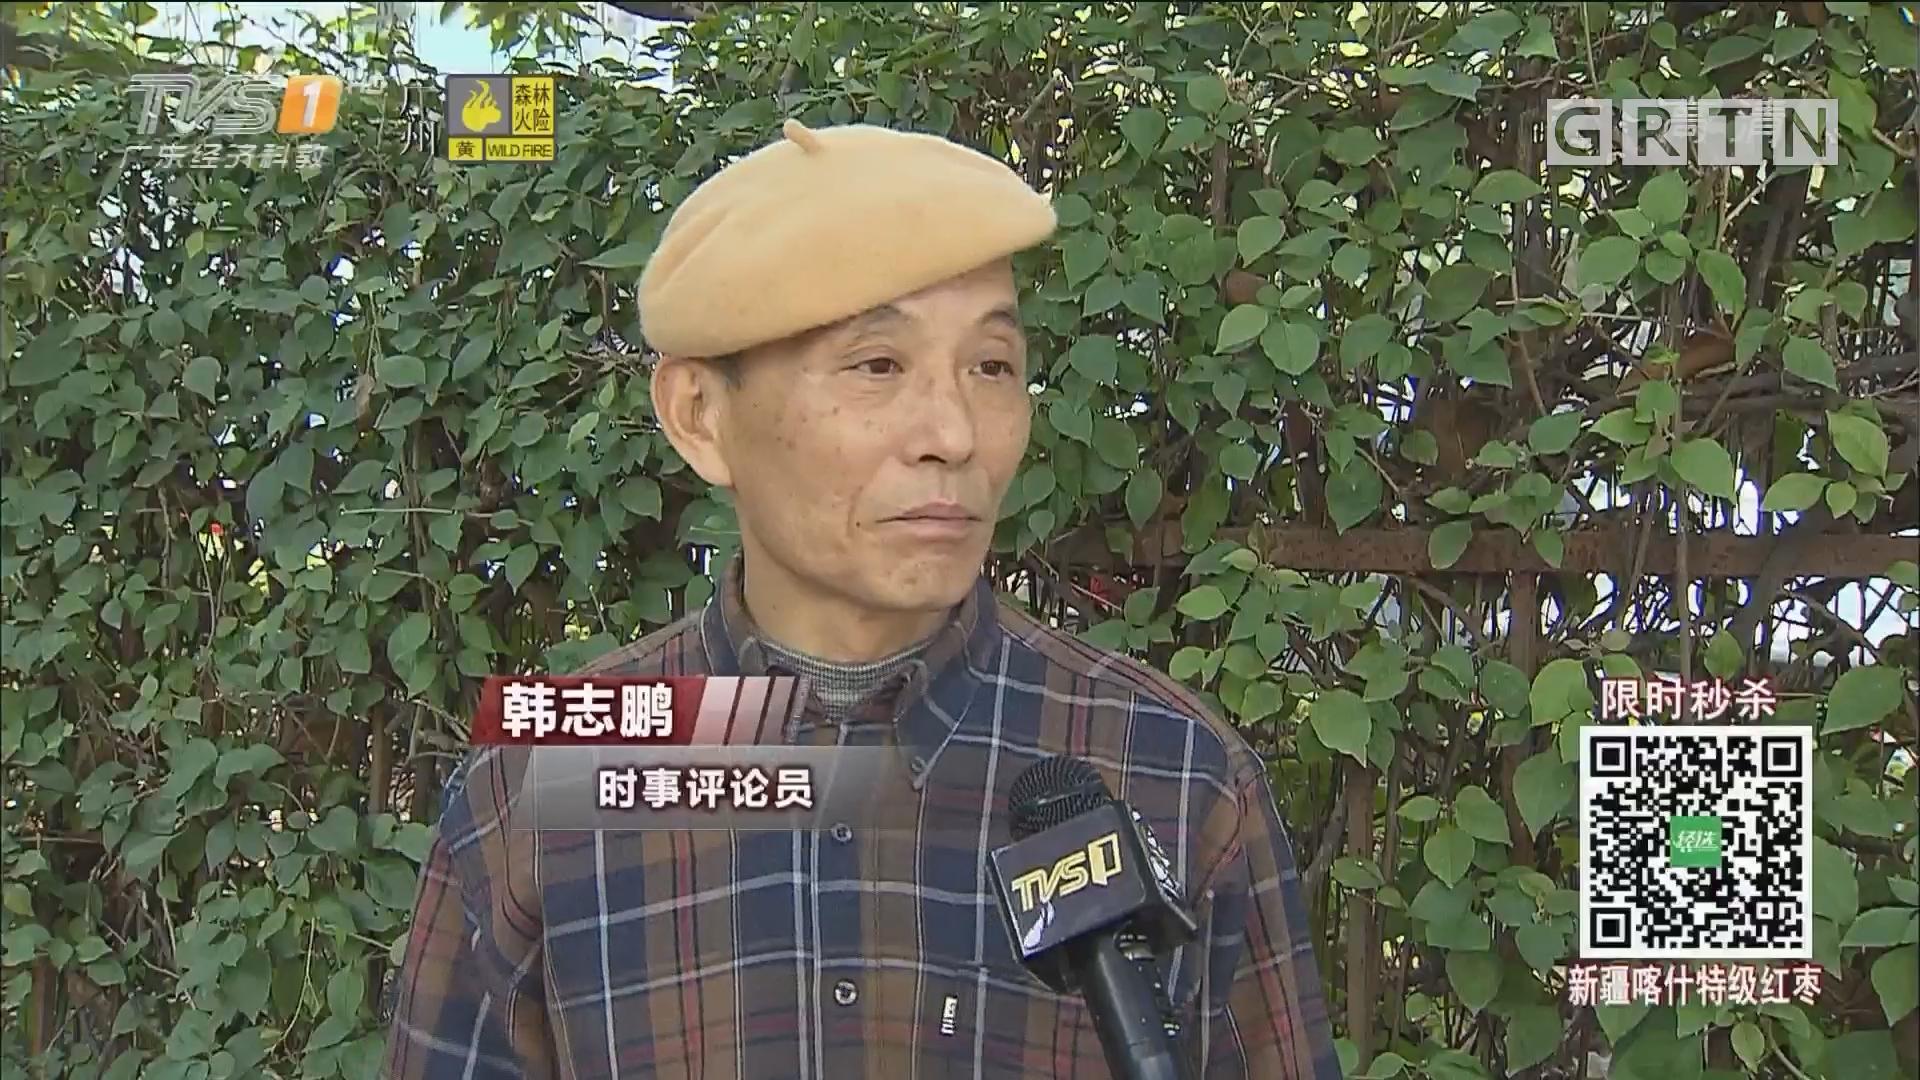 广州:的士费要涨价 起步价或涨至12元